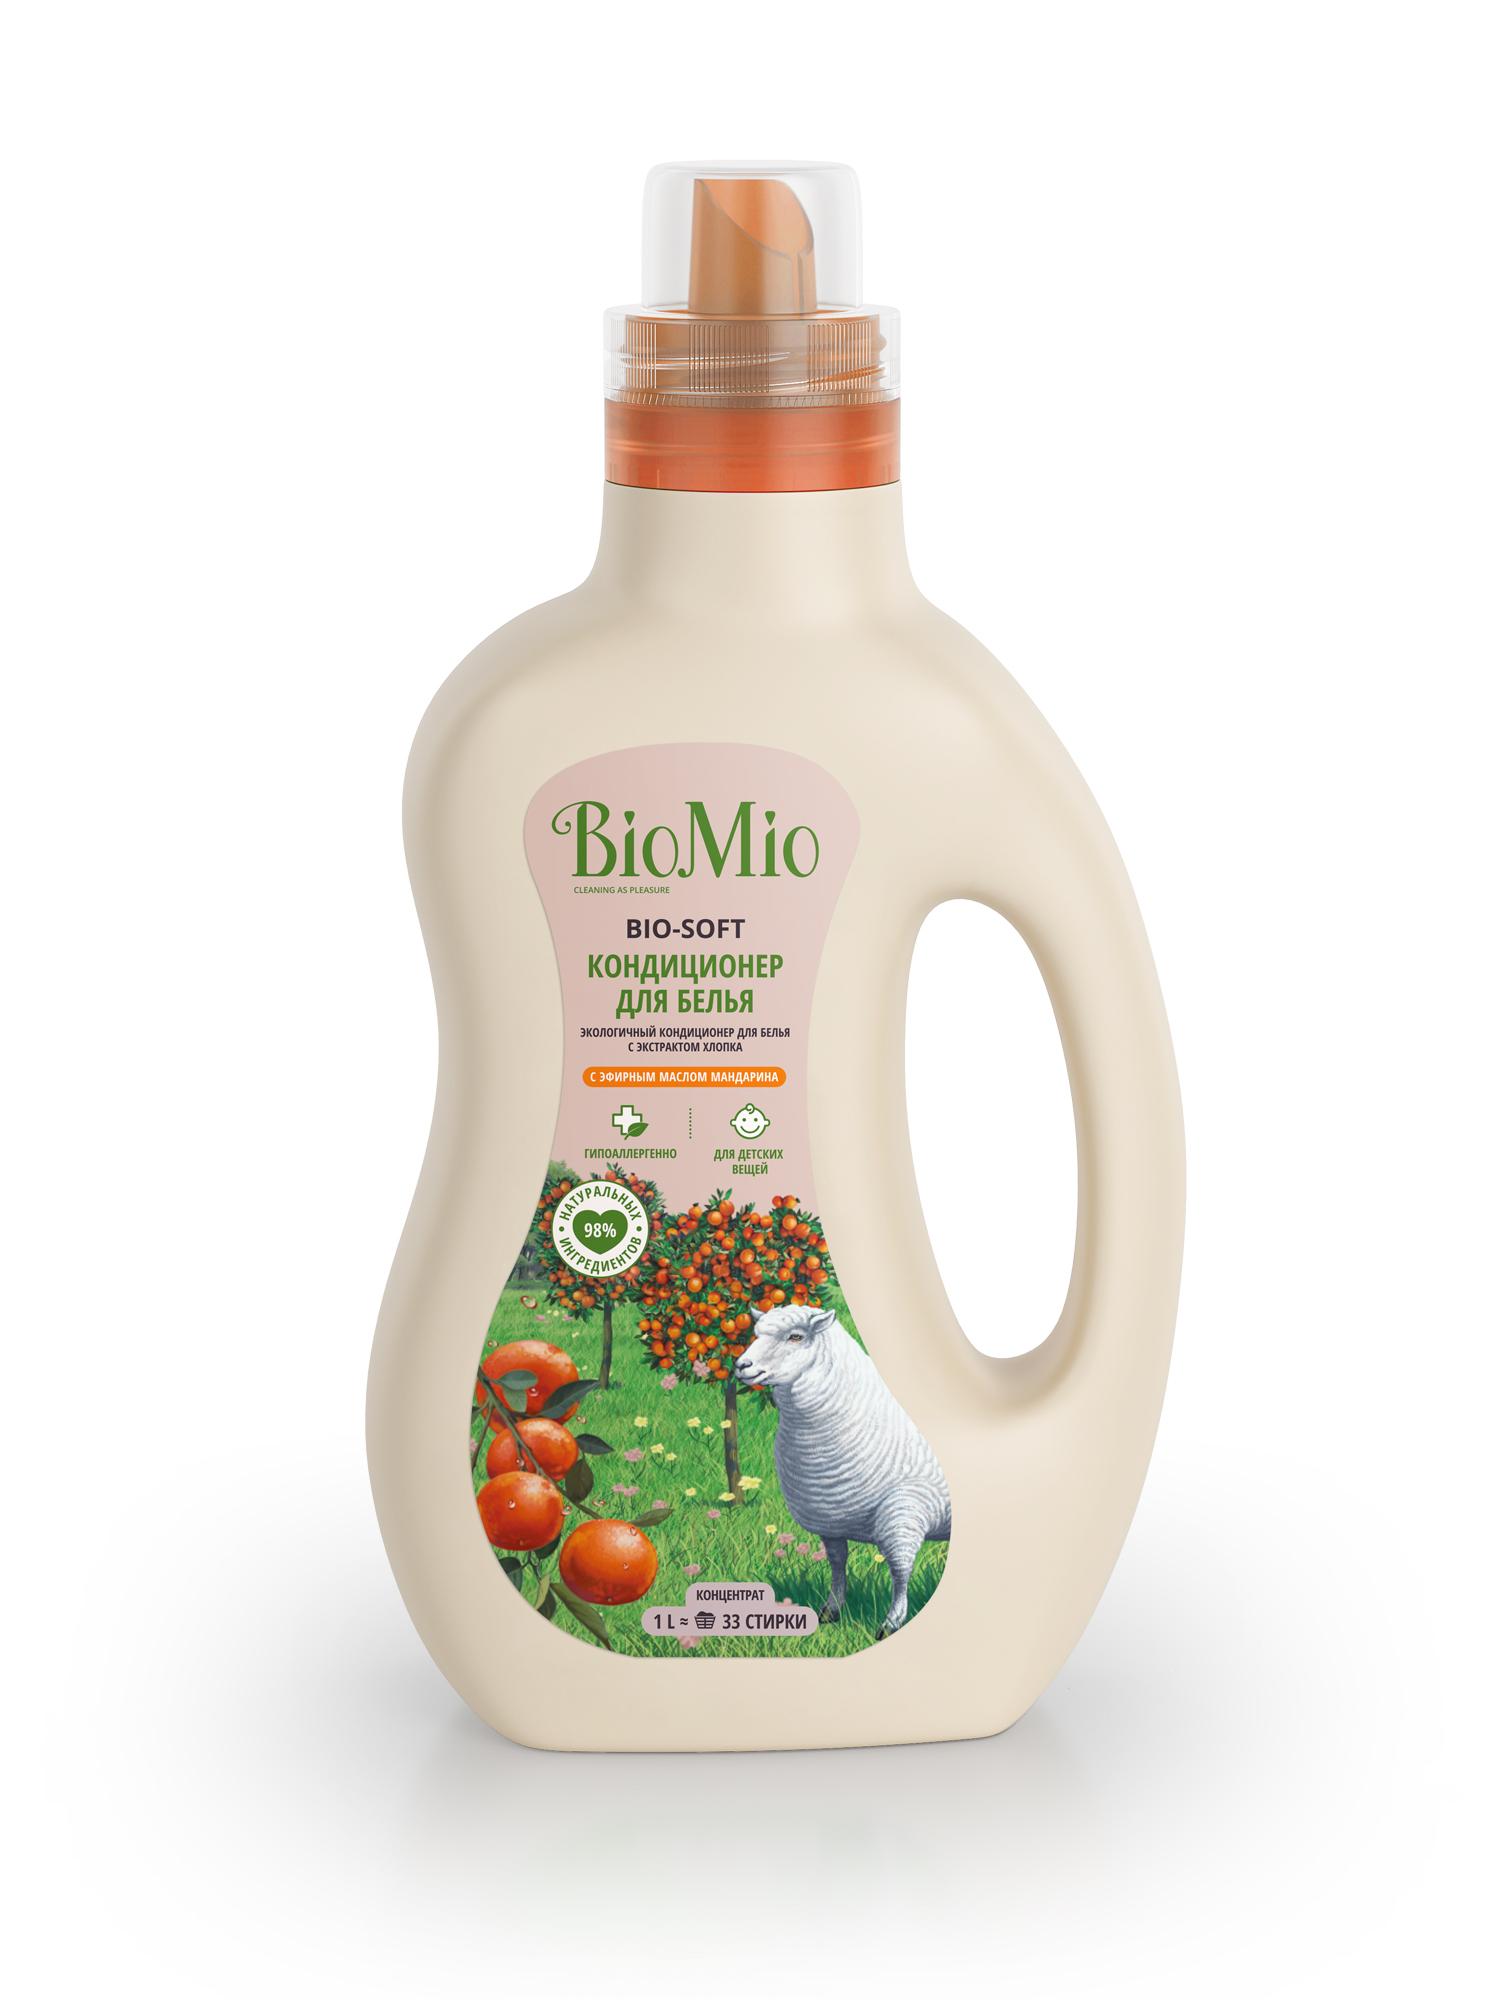 Кондиционер для белья BIO MIO Bio-Soft. Мандарин кондиционер для белья экологичный bio mio концентрат bio soft с эфирным маслом корицы 1 5л